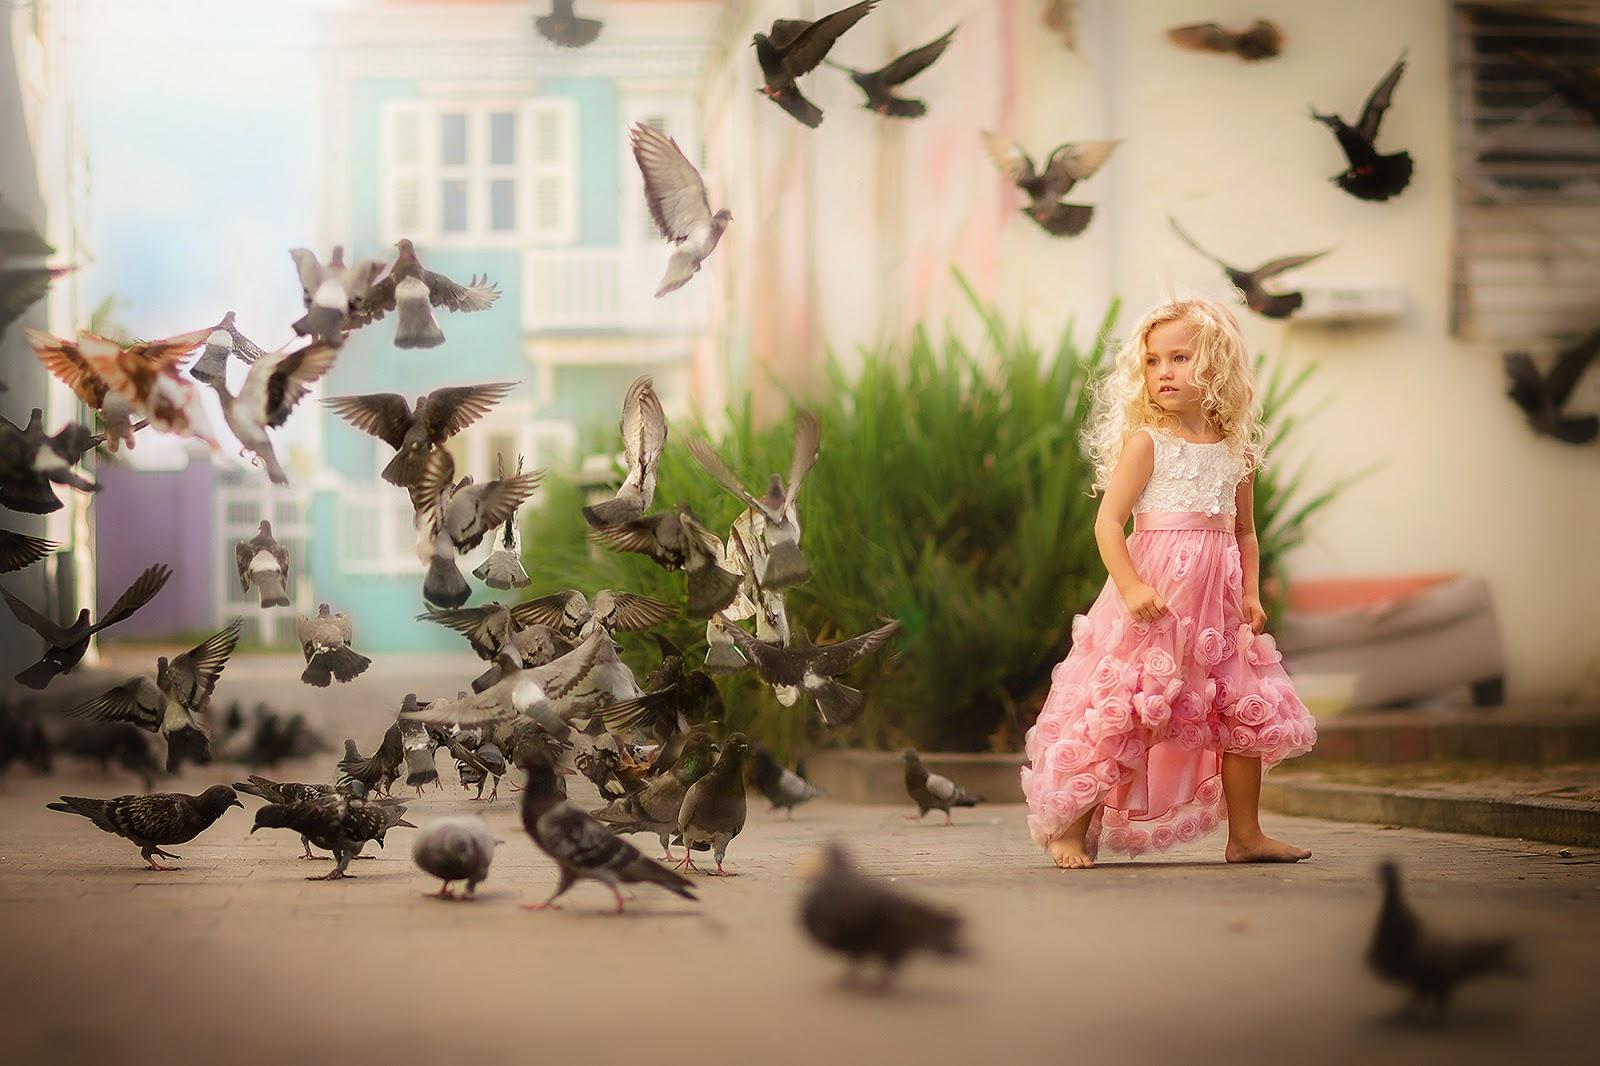 Canon 5D mark III fine art portret foto van een meisje op curacao dat de duiven in Pietermaai voert door Willie Kers